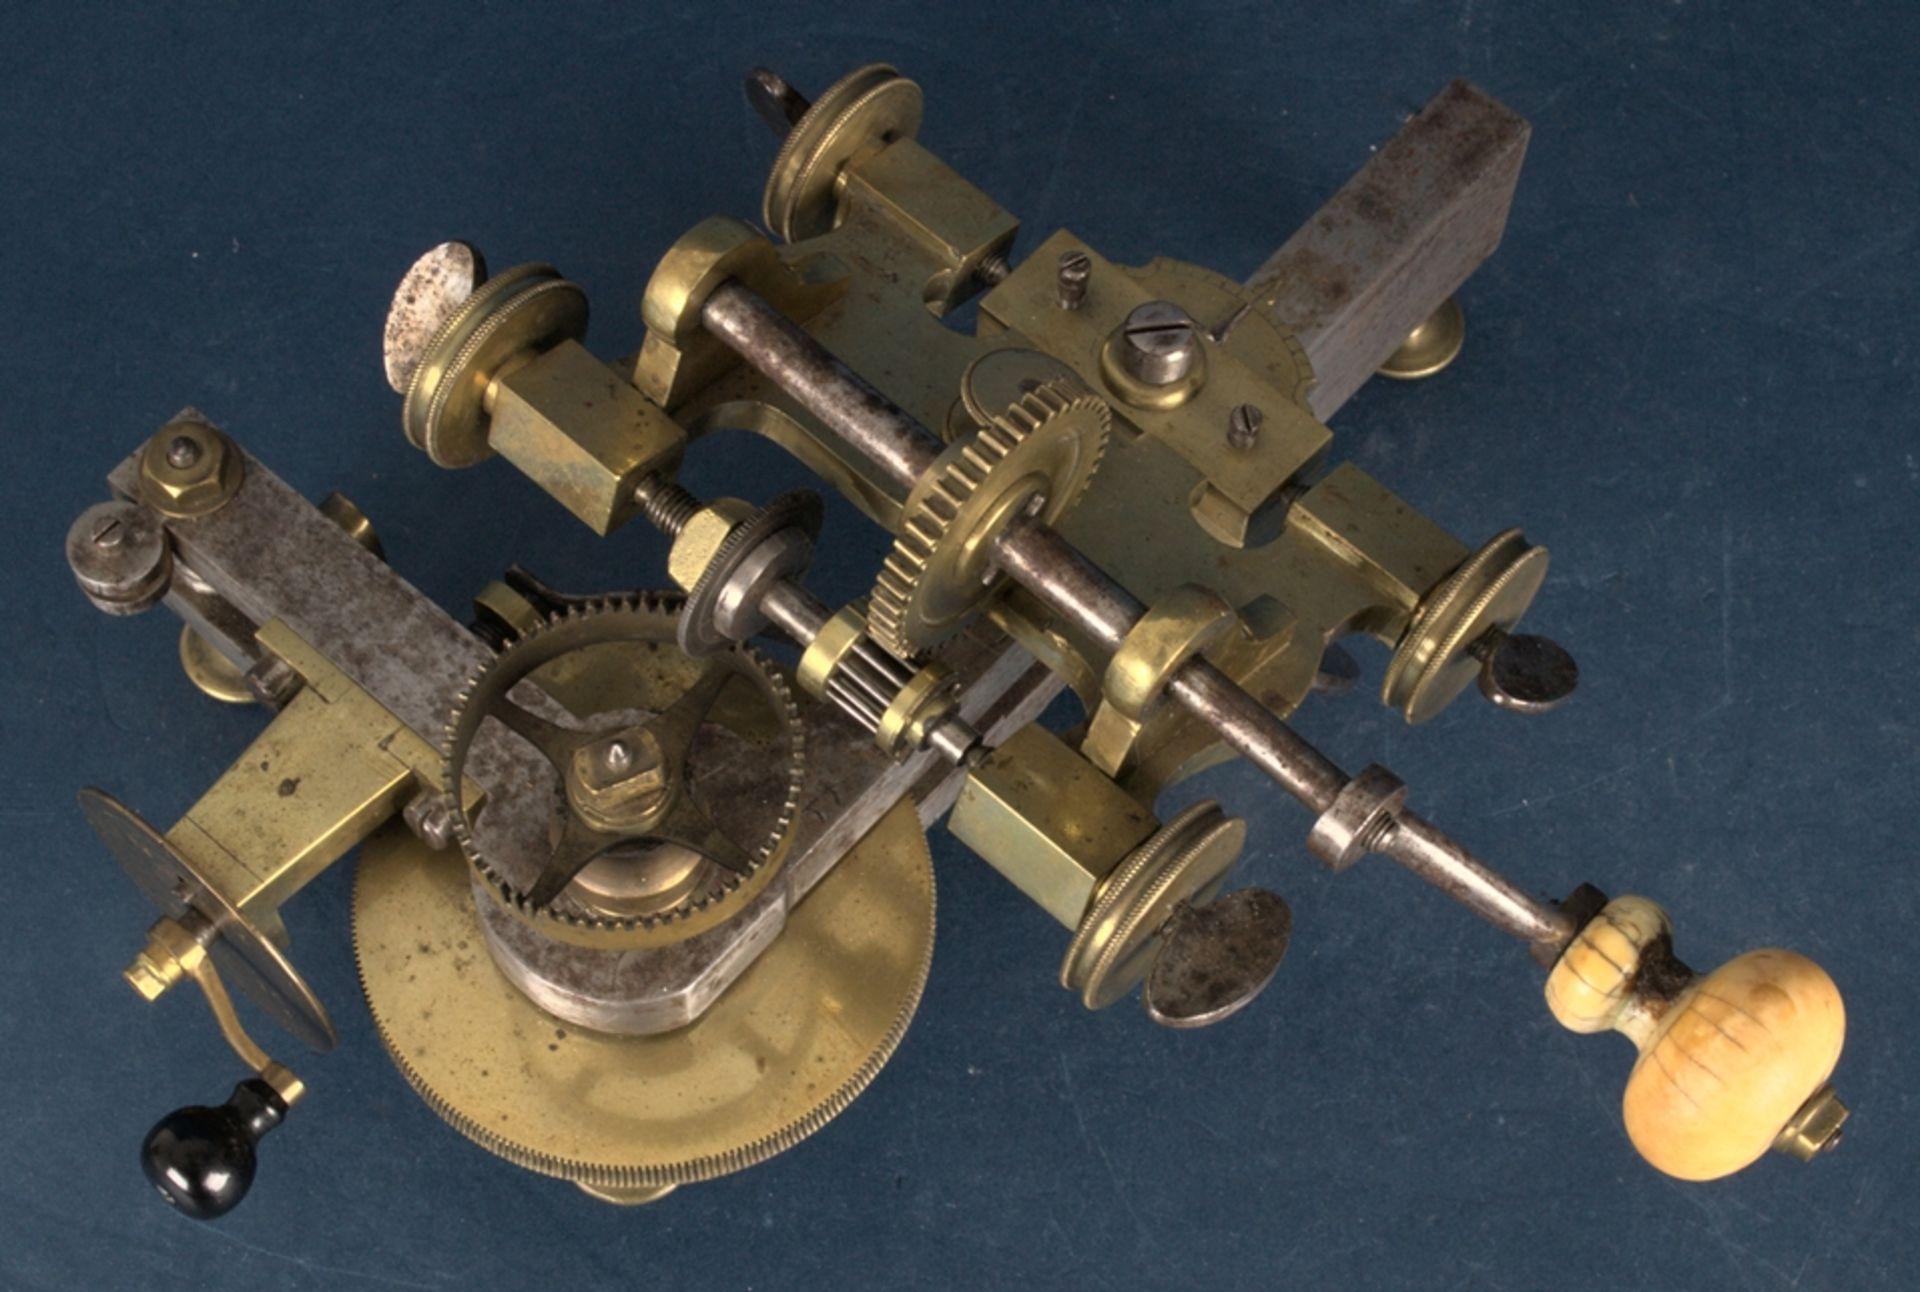 Zahnradfräsmaschine/Zahnräderschneidemaschine, frühes Uhrmacherwerkzeug, deutsch Mitte 18. Jhd., - Bild 25 aus 29